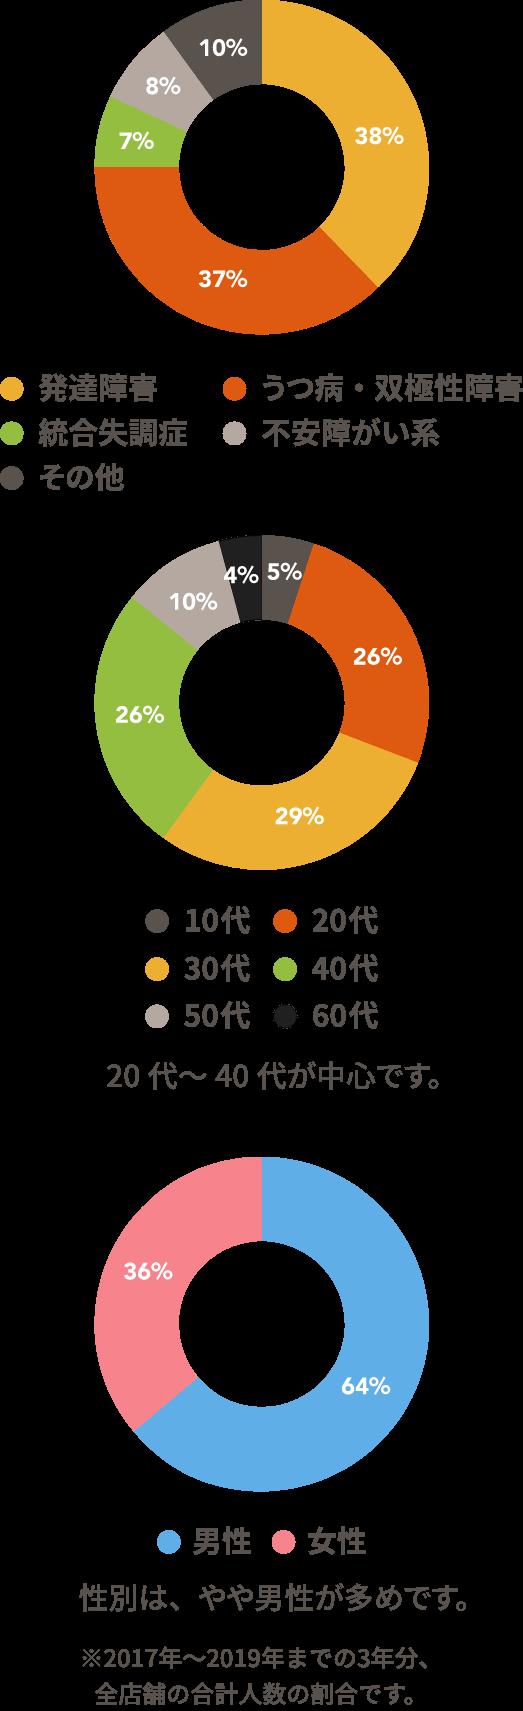 20代~40代が中心です。 性別は、やや男性が多めです。 ※2017年~2019年までの3年分、全店舗の合計人数の割合です。